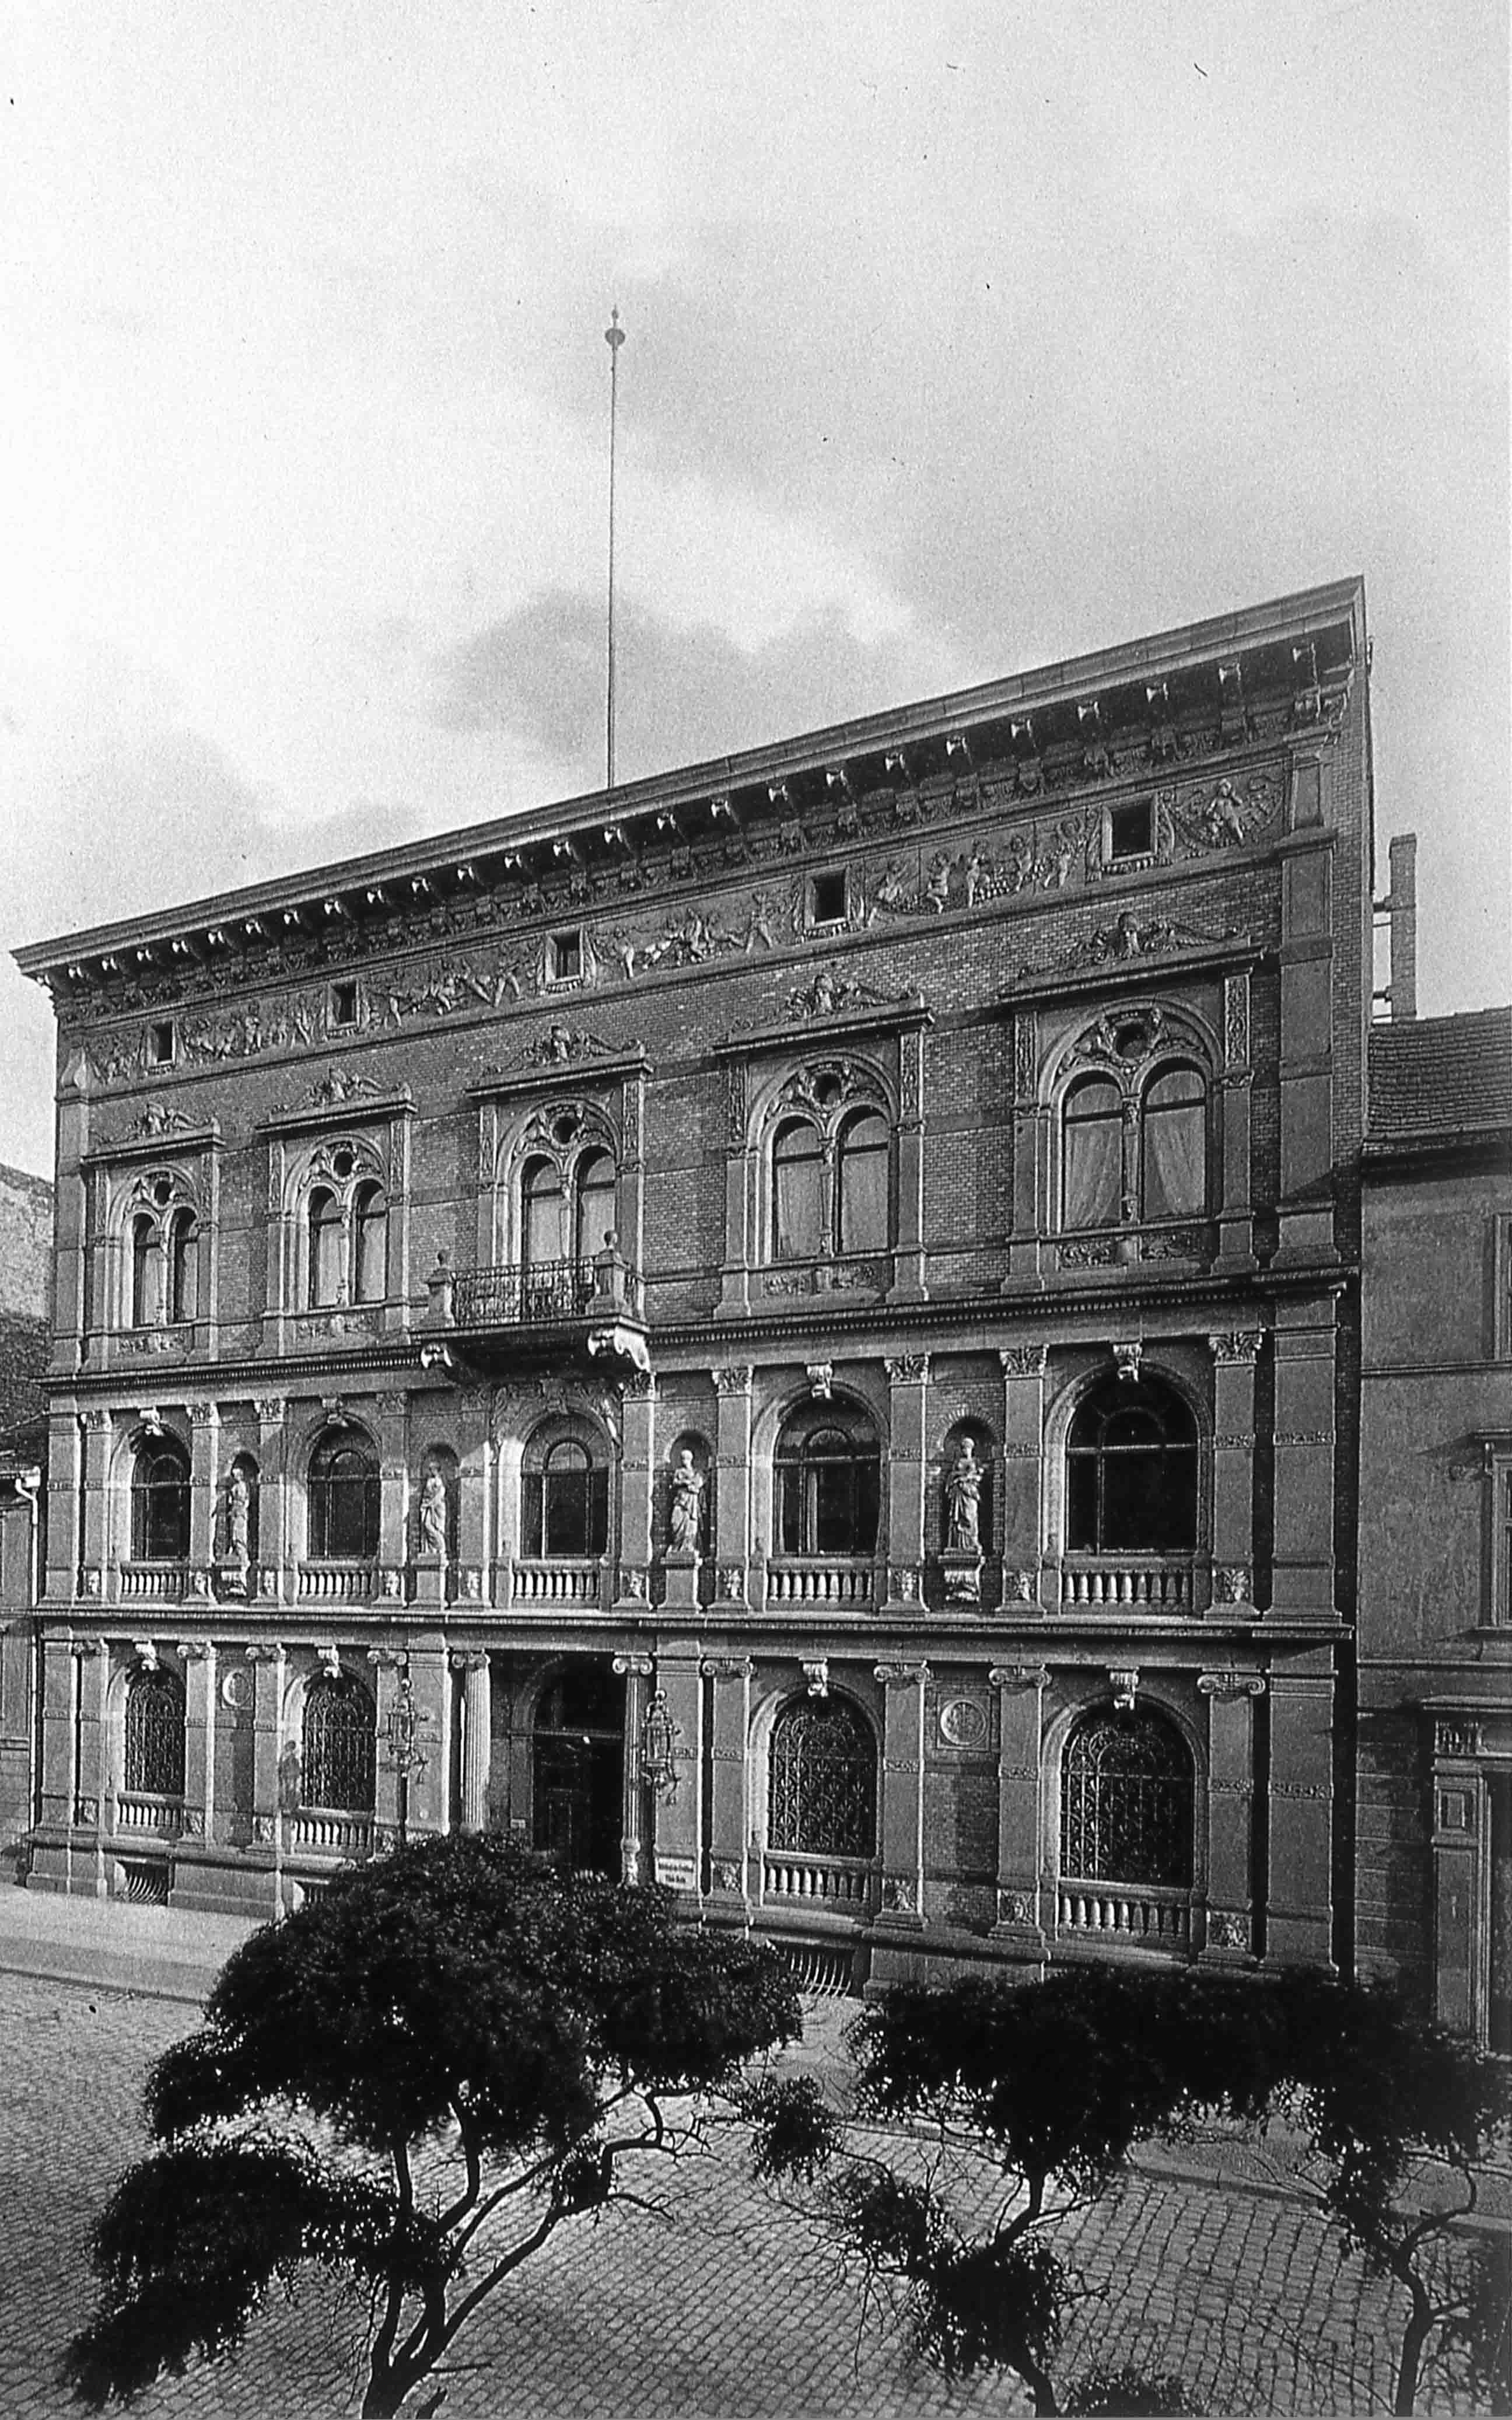 Behrenstr 2, Mitteldeutsche Creditbank, von Ende